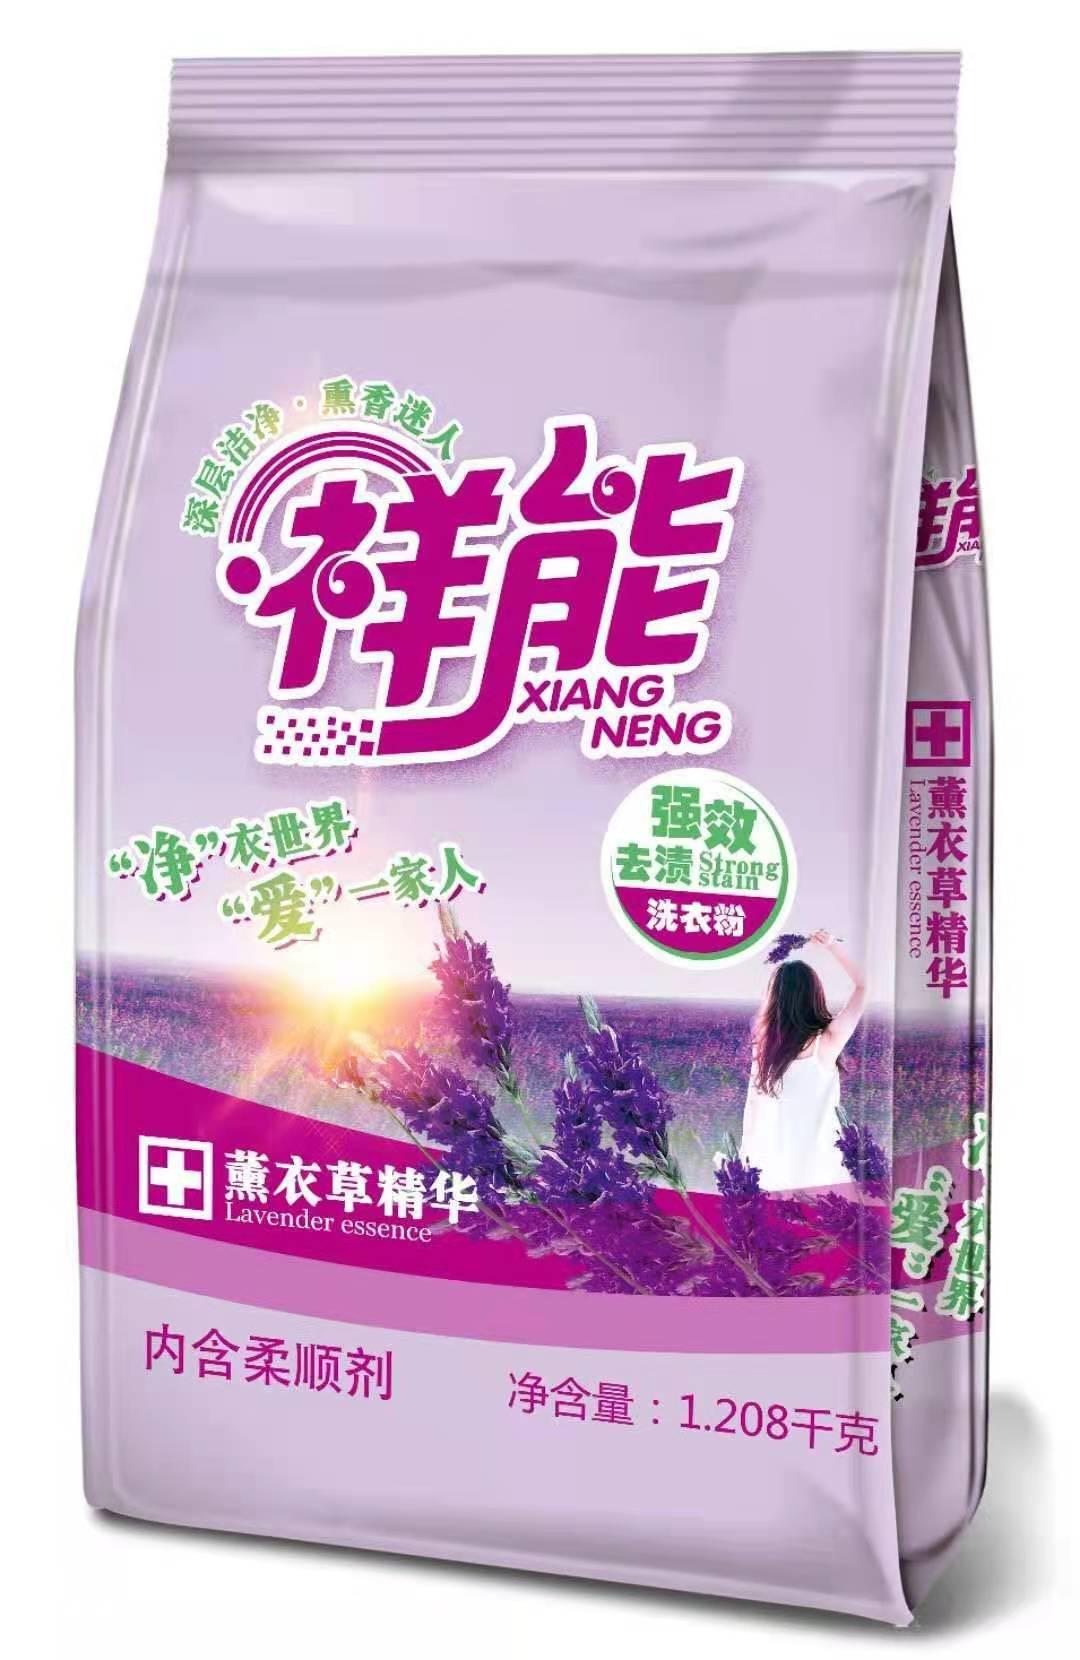 祥能强效去渍洗衣粉粉代理批发祥能日化用品